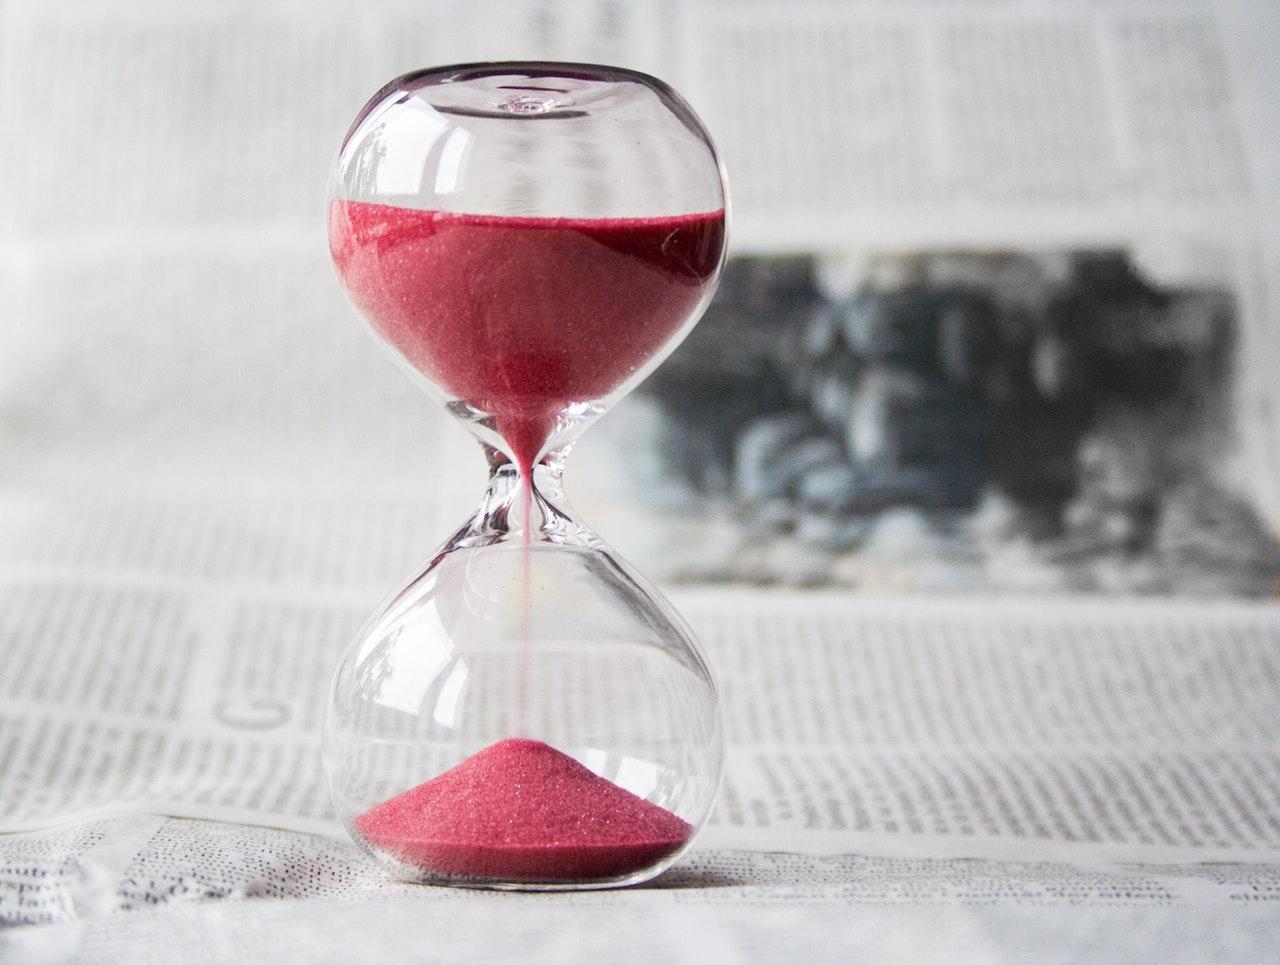 2017_0720181802_hourglass-time-hours-sand-39396.jpeg